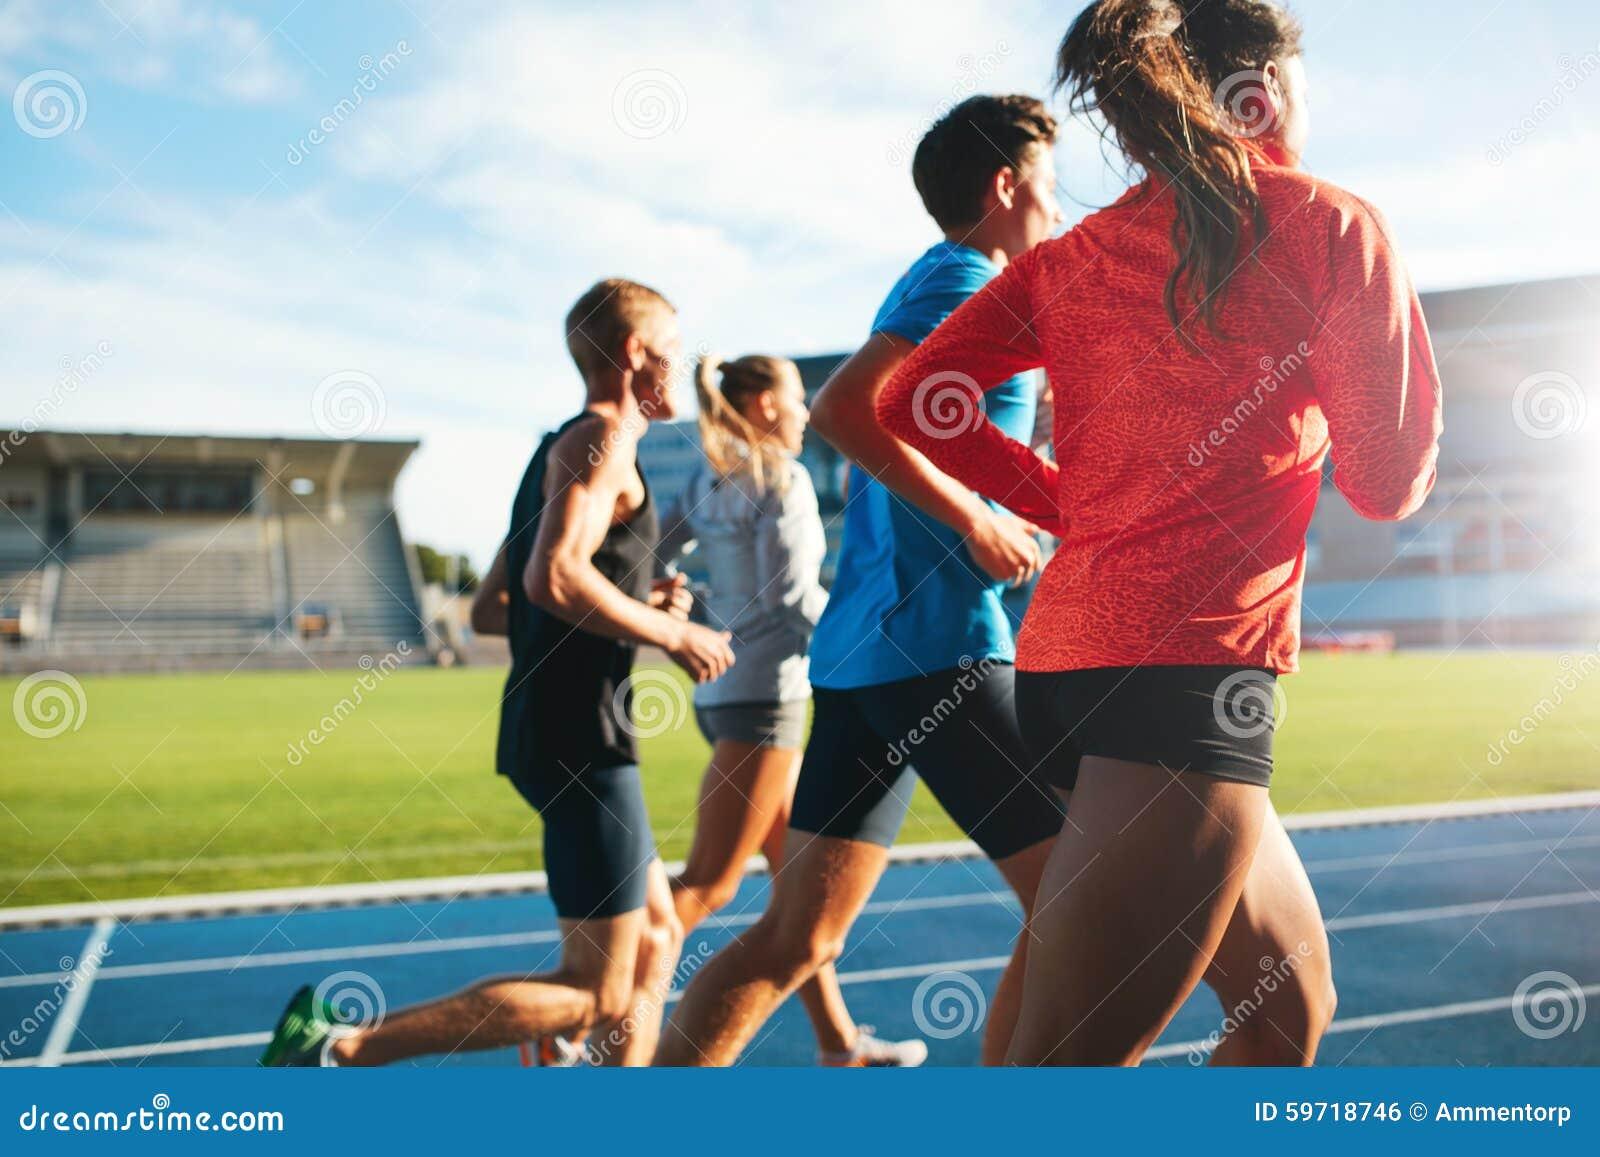 跑在赛马跑道的年轻运动员在体育场内